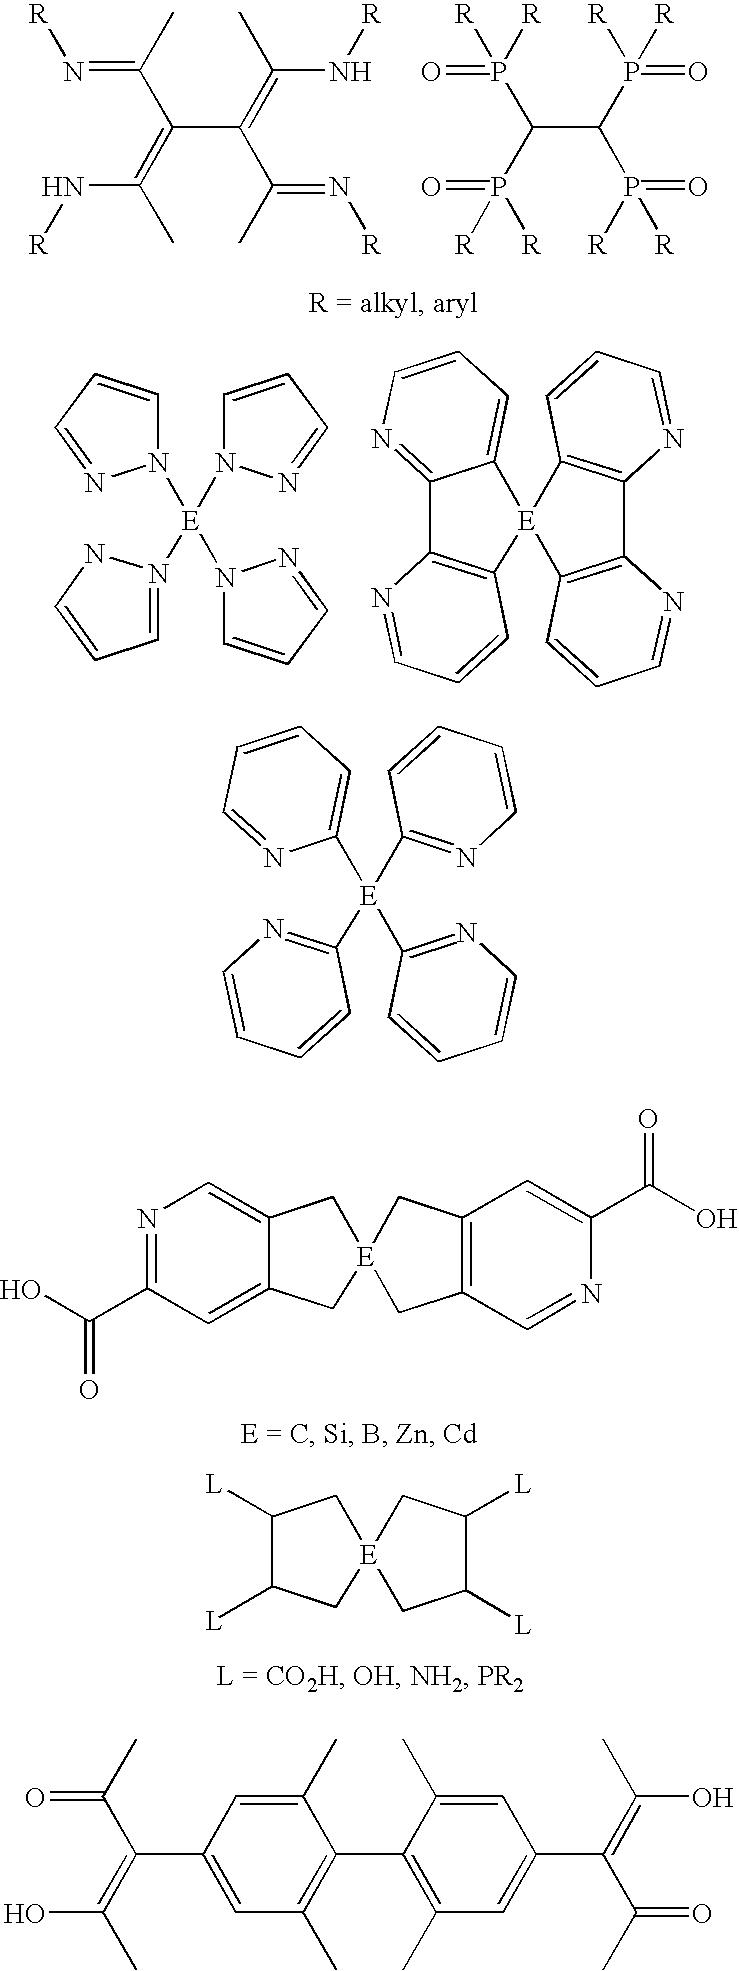 Figure US20050164031A1-20050728-C00006